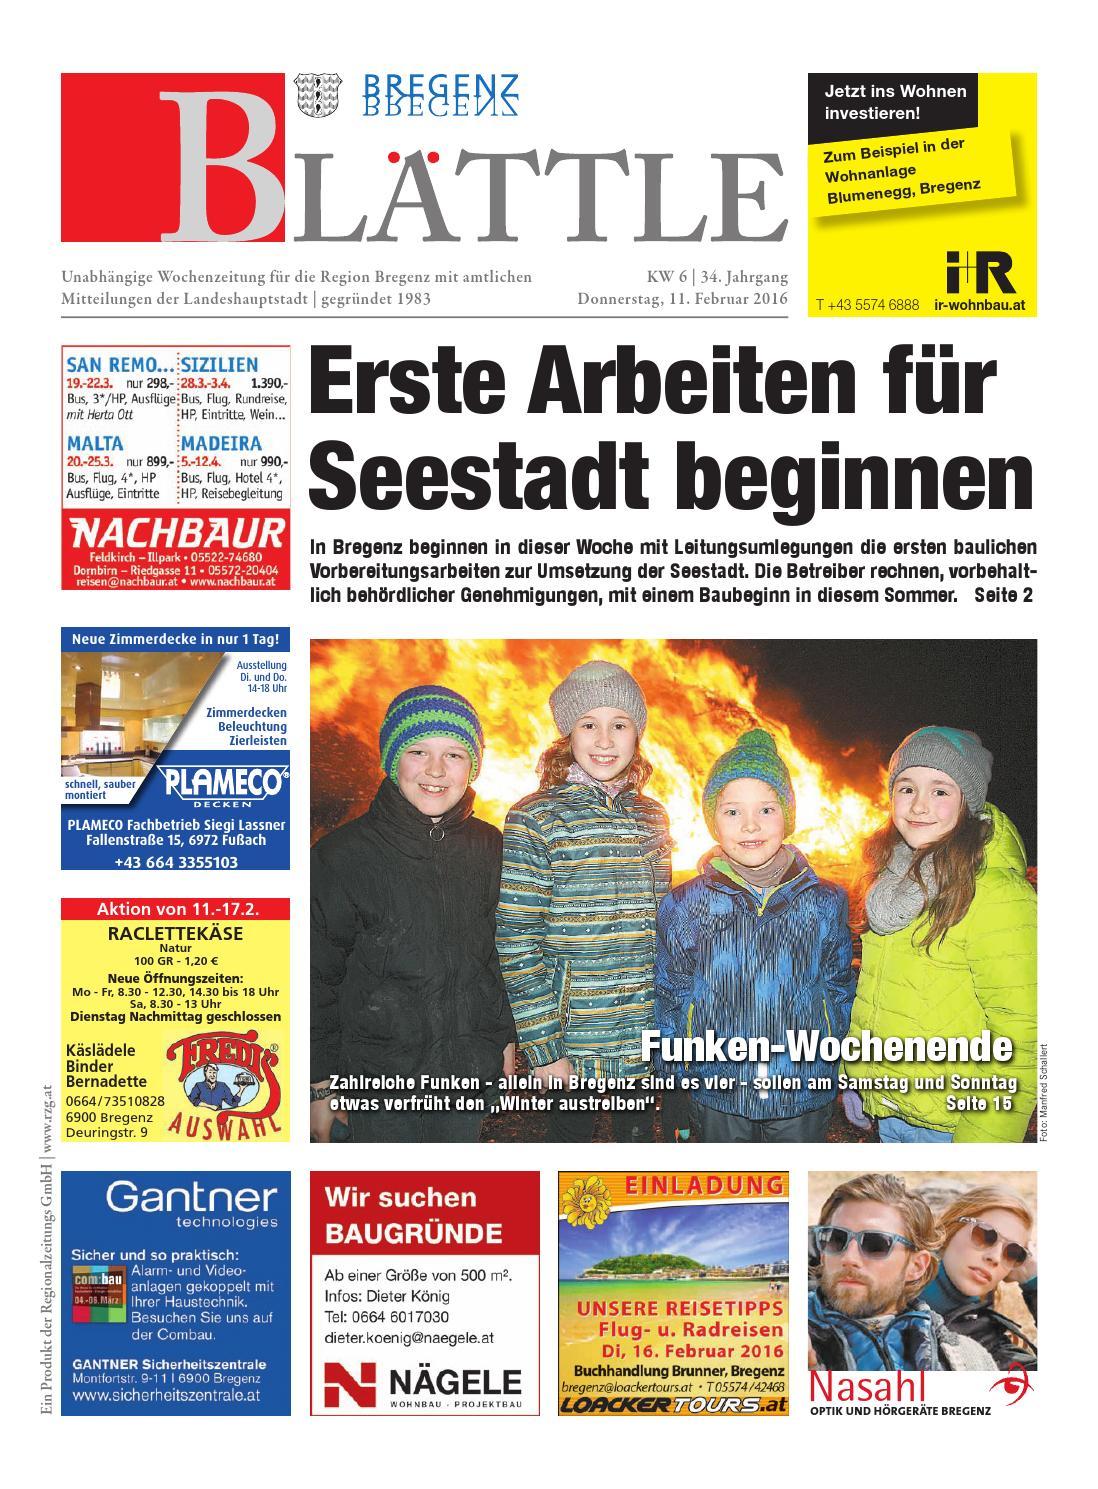 bregenzer blaettle 06 by regionalzeitungs gmbh - issuu, Einladungen